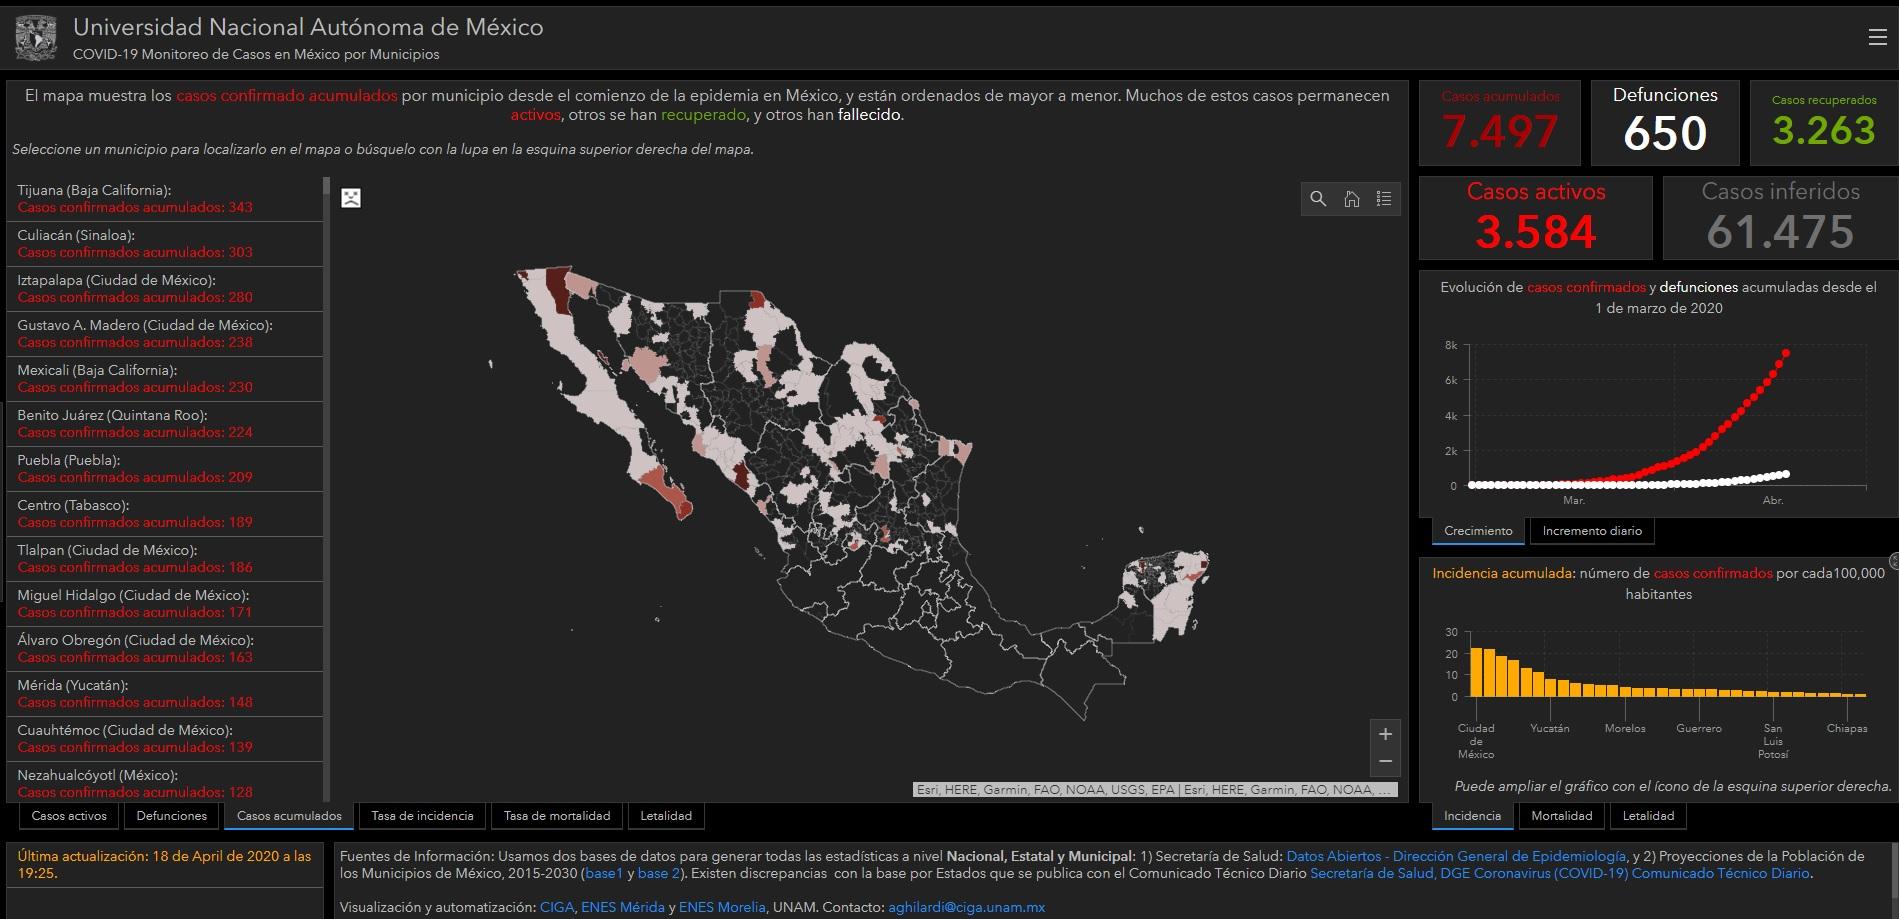 los municipios con más casos y defunciones por COVID19